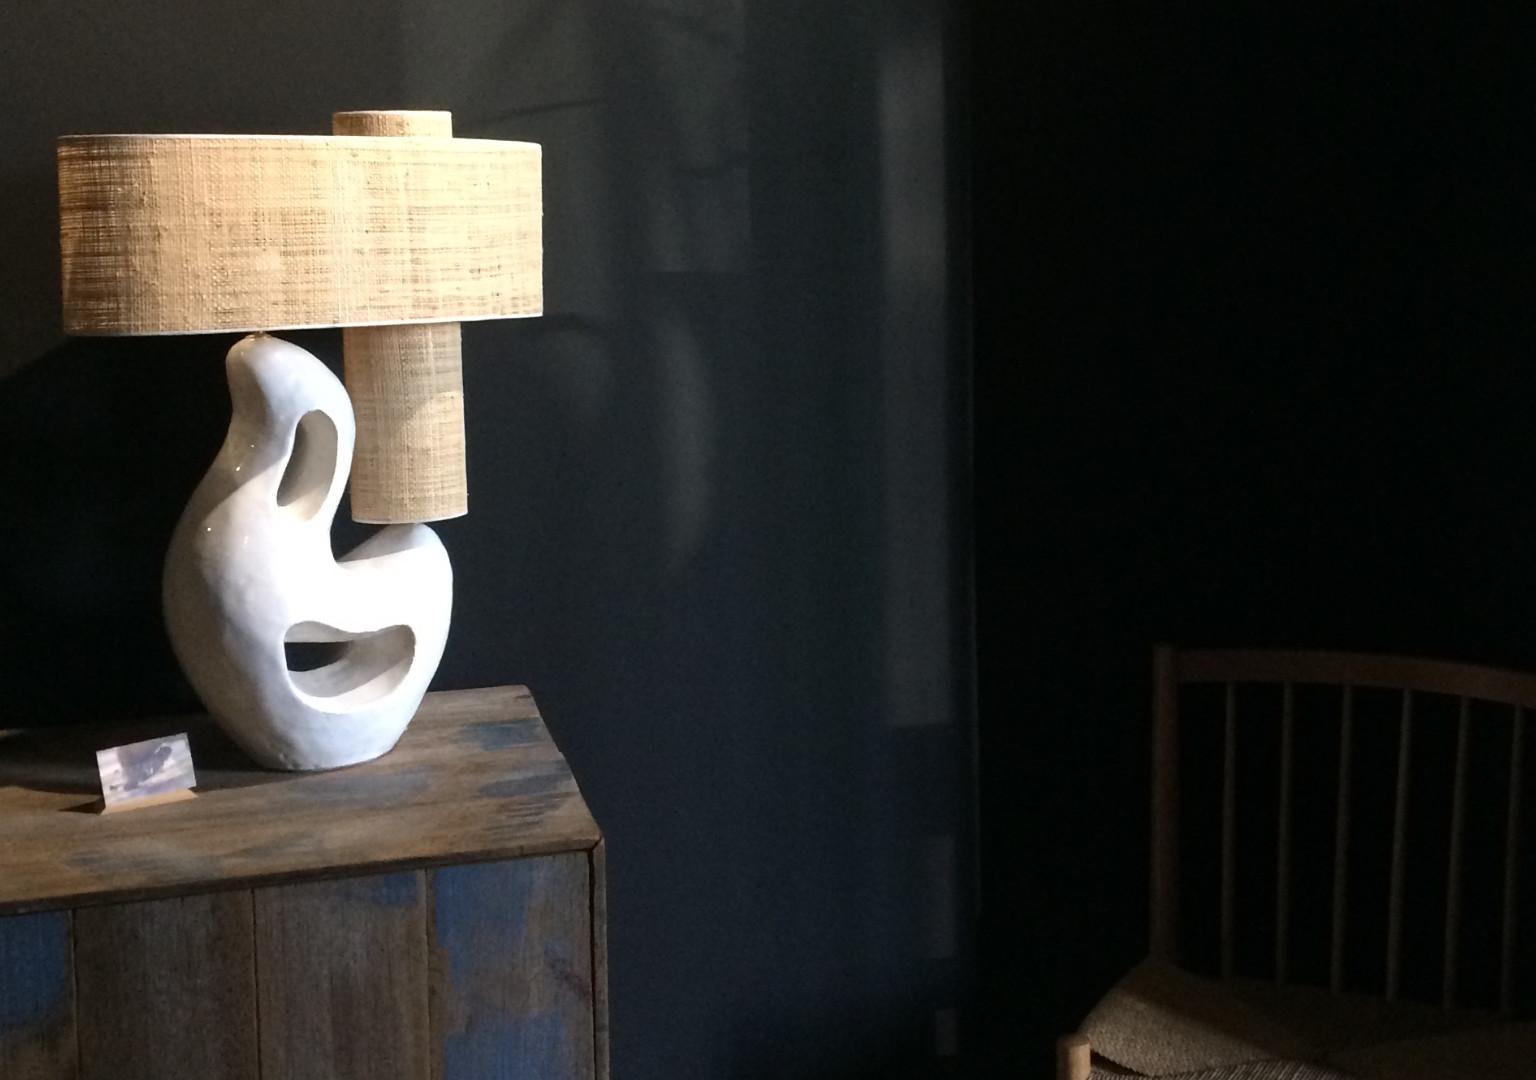 Lampe A z z u r a